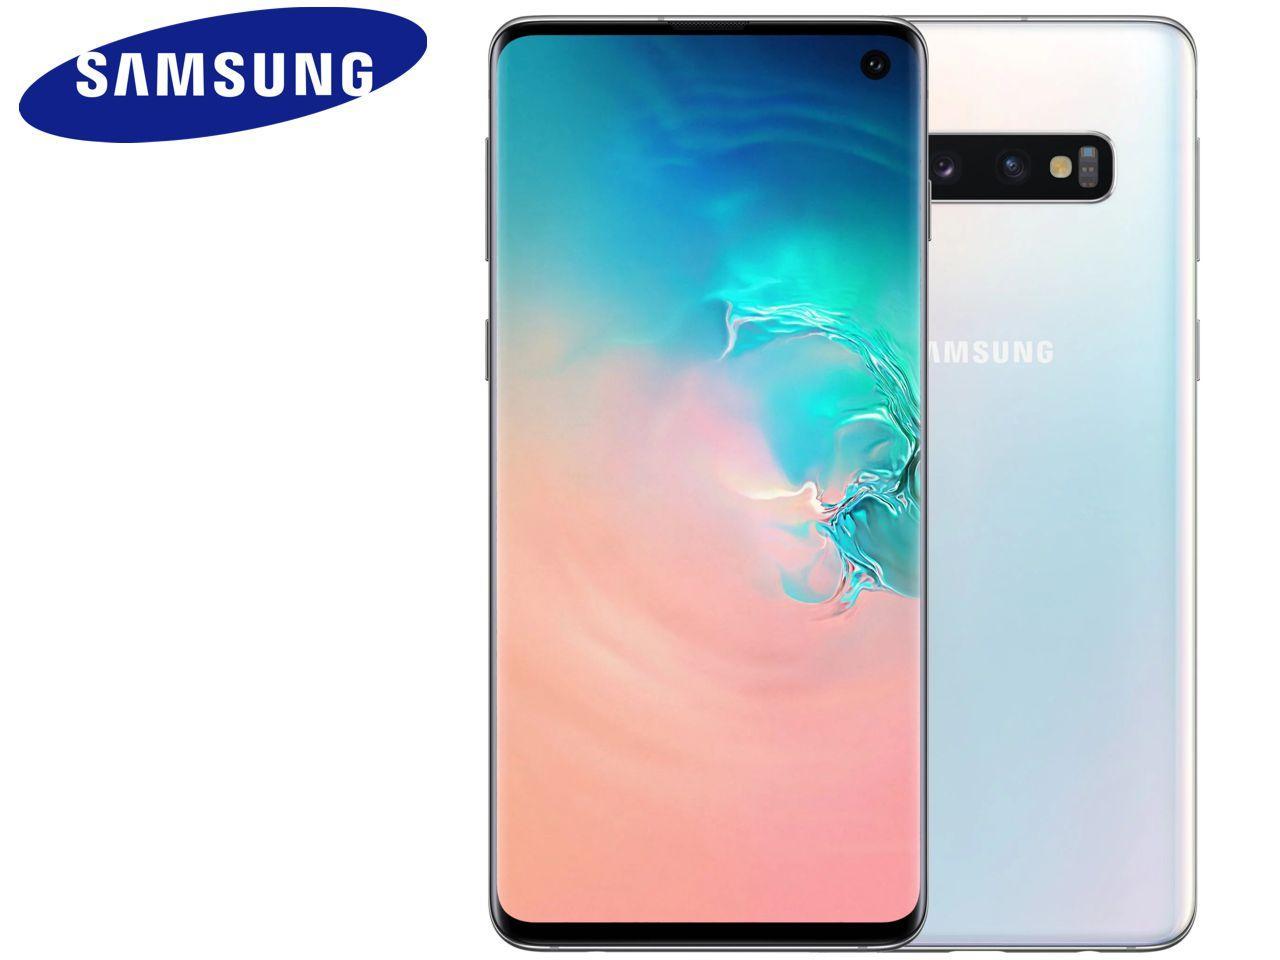 SAMSUNG Galaxy S10 (SM-G973F), 128 GB, bílý, Dual SIM, CZ distribuce